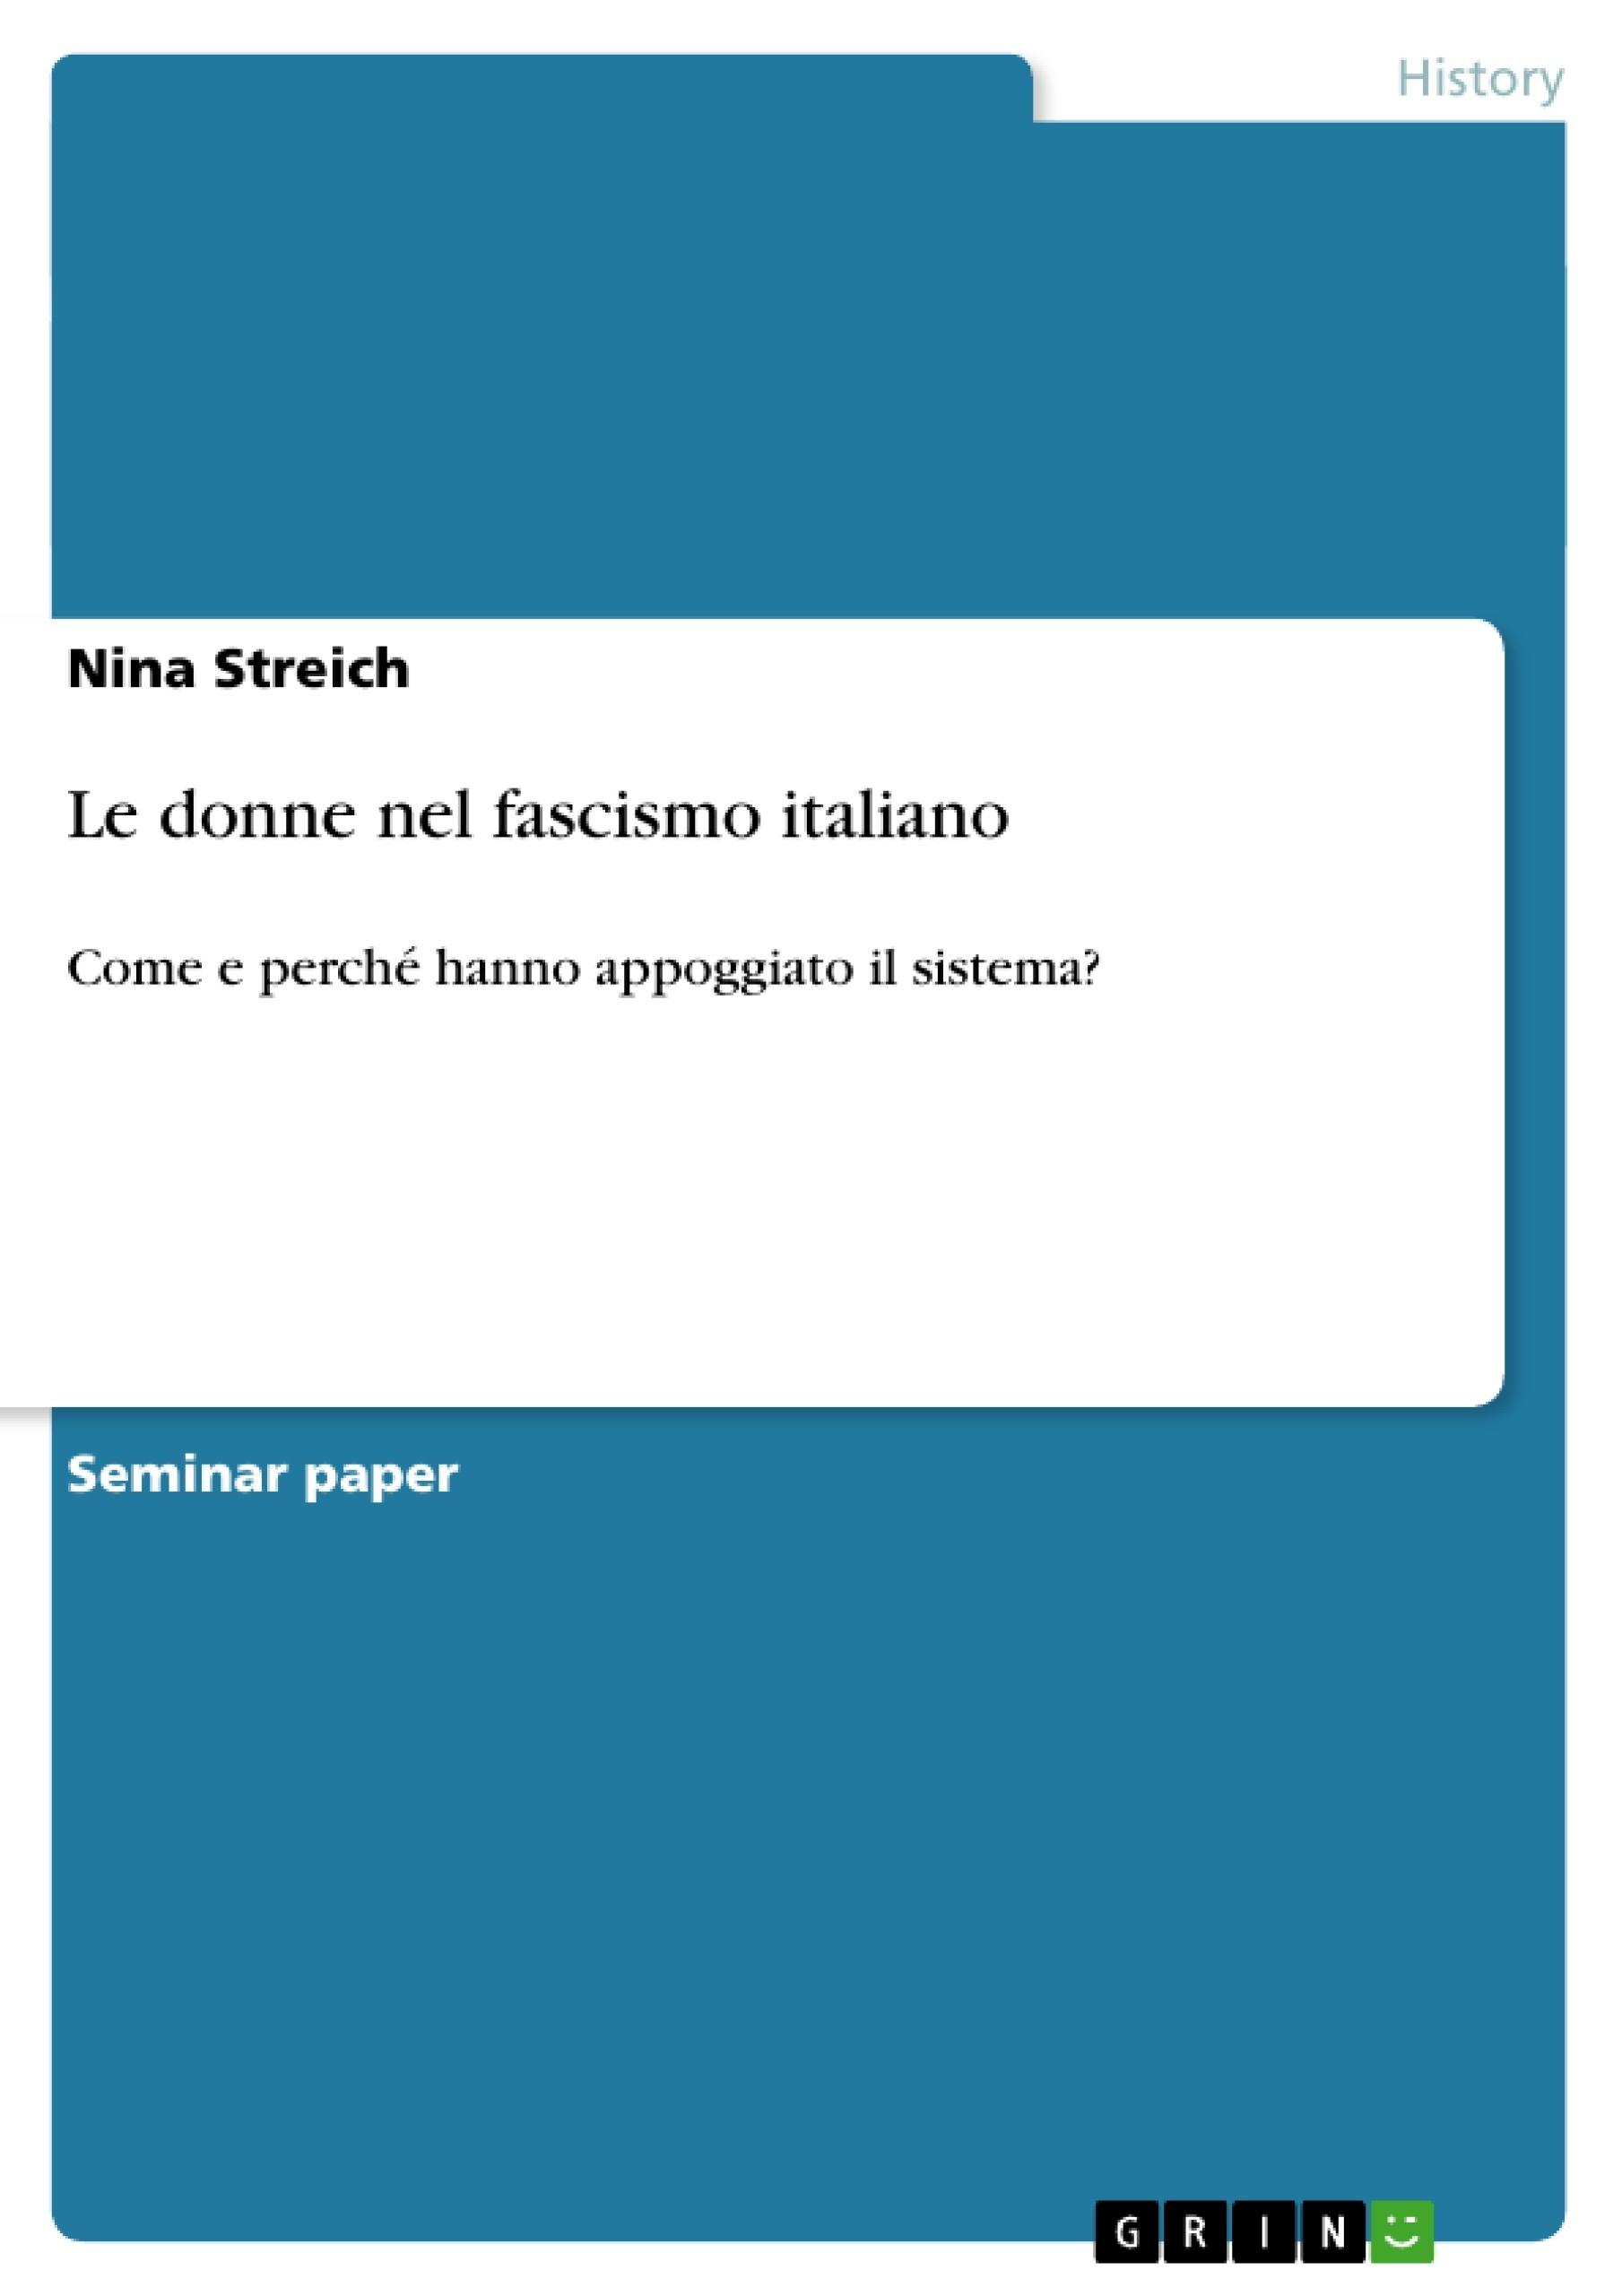 Title: Le donne nel fascismo italiano